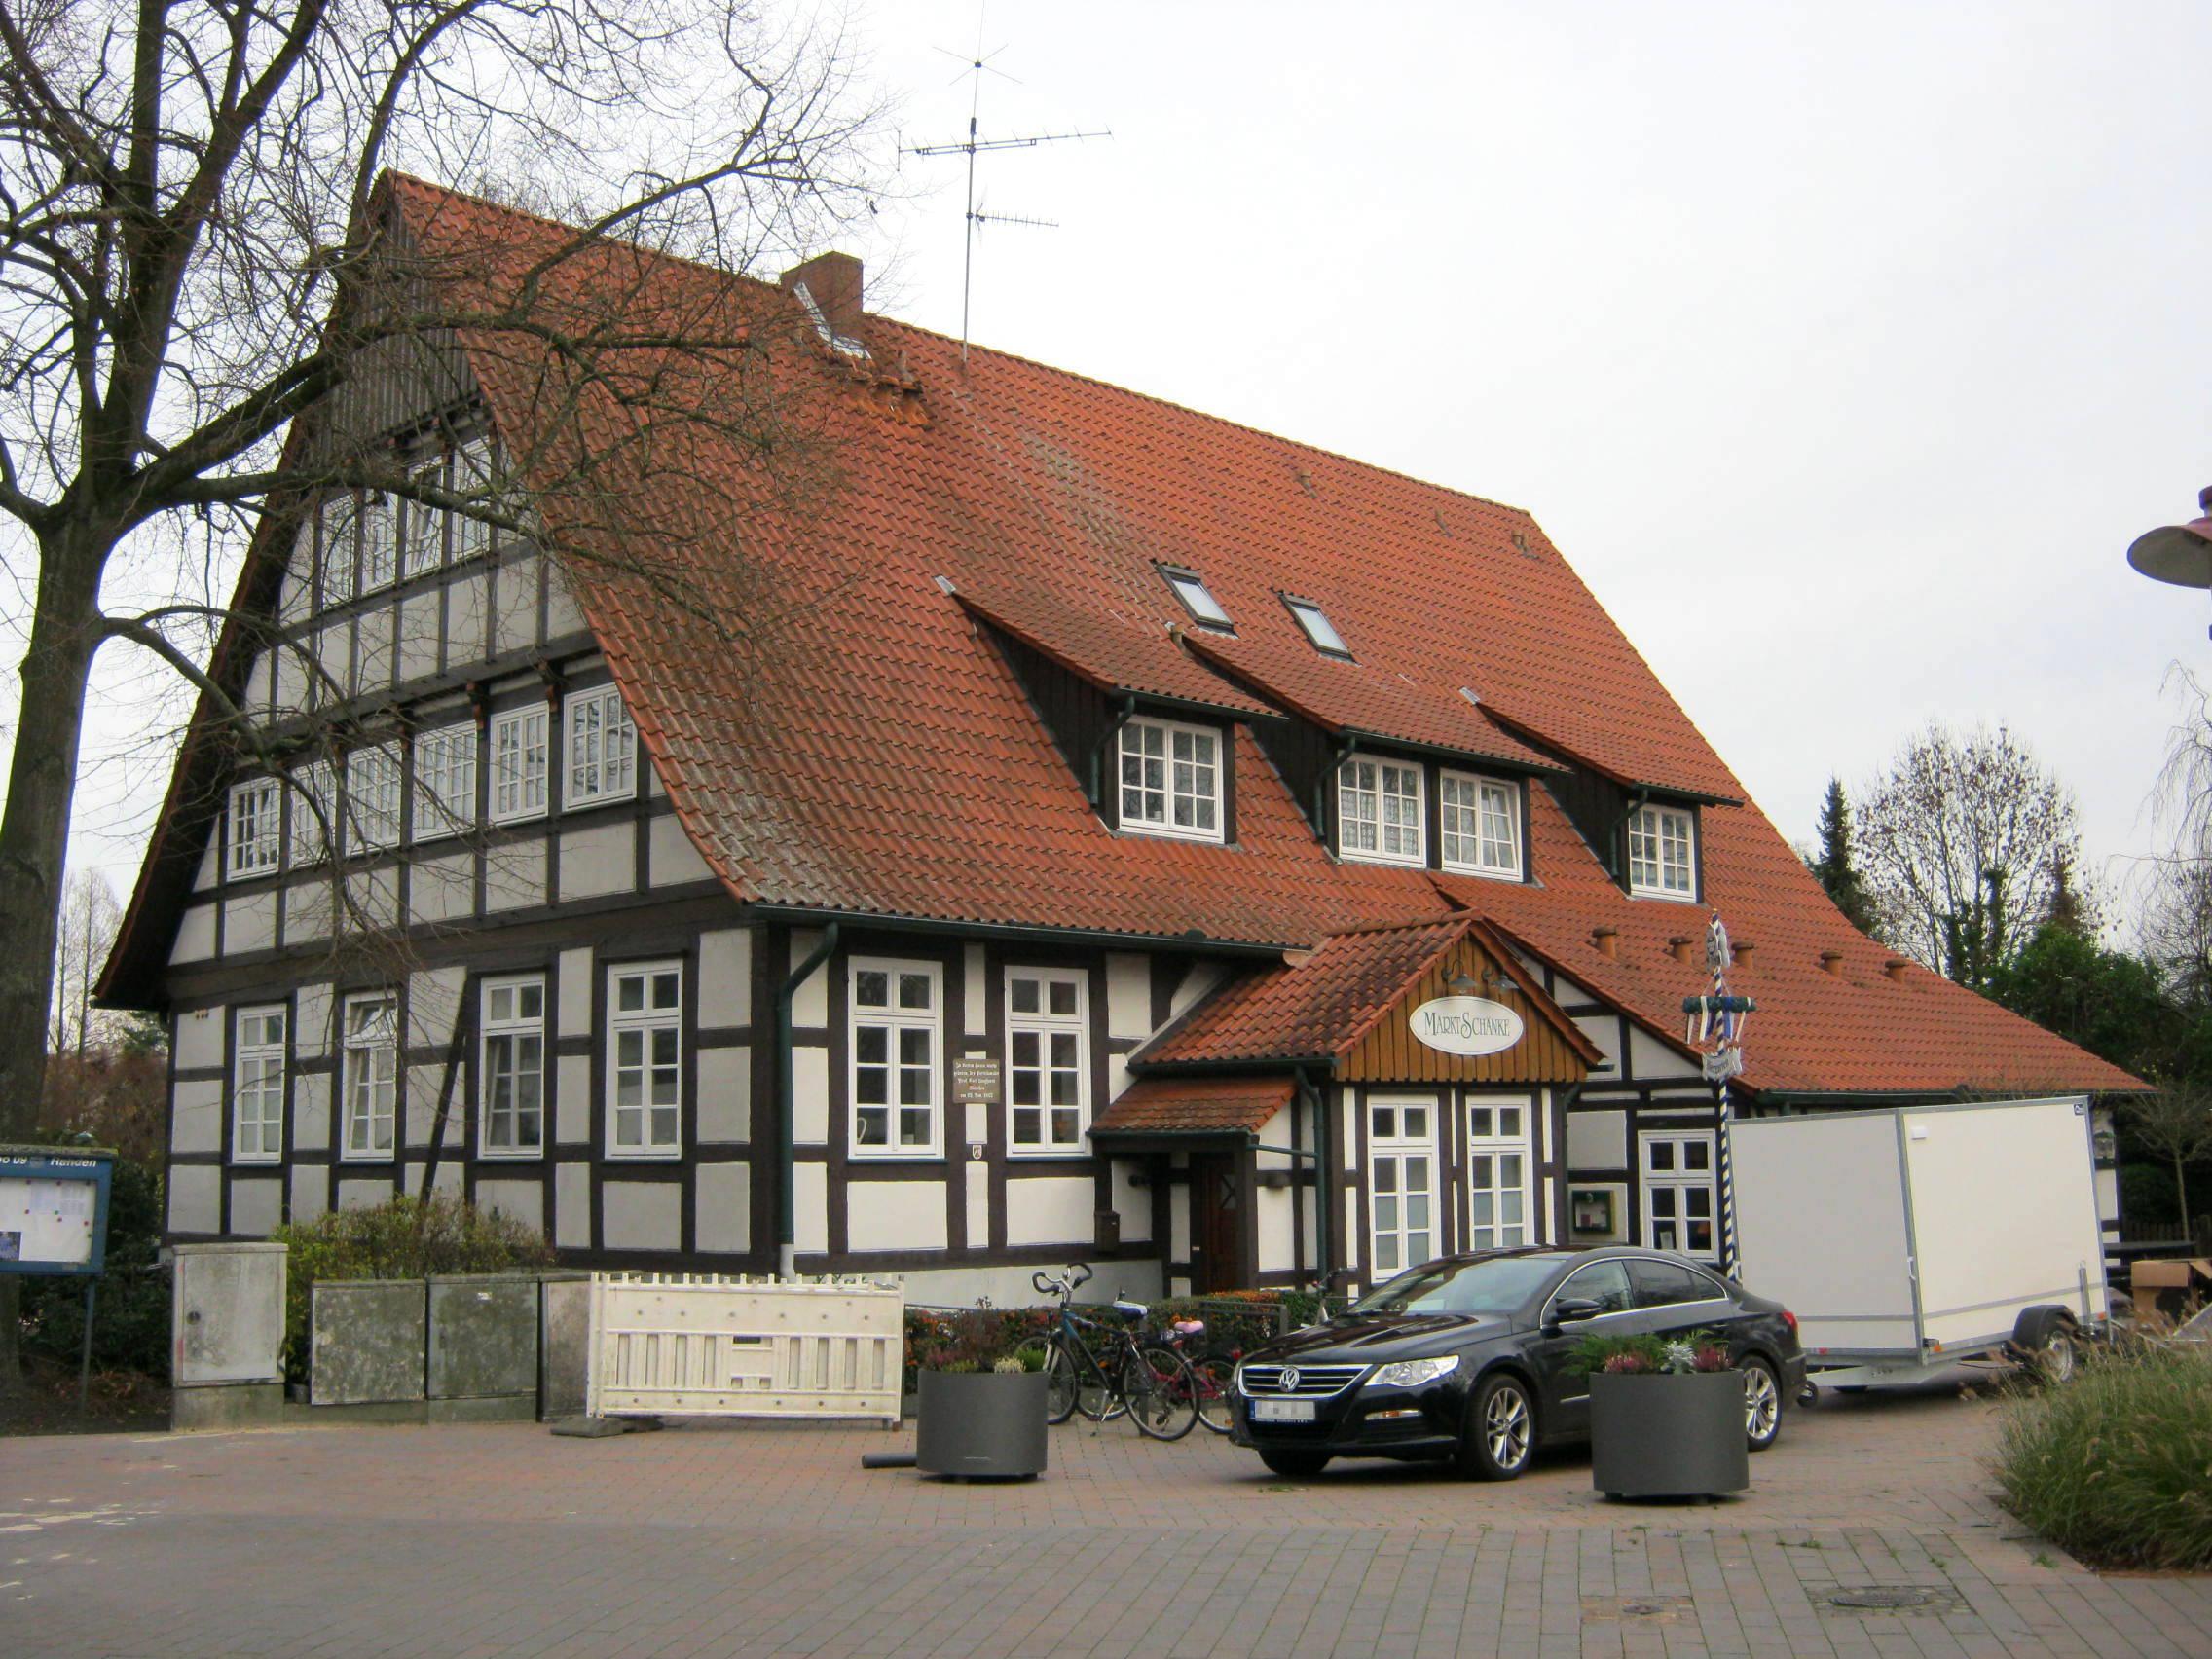 File:Marktschänke Rahden von Westen.jpg - Wikimedia Commons